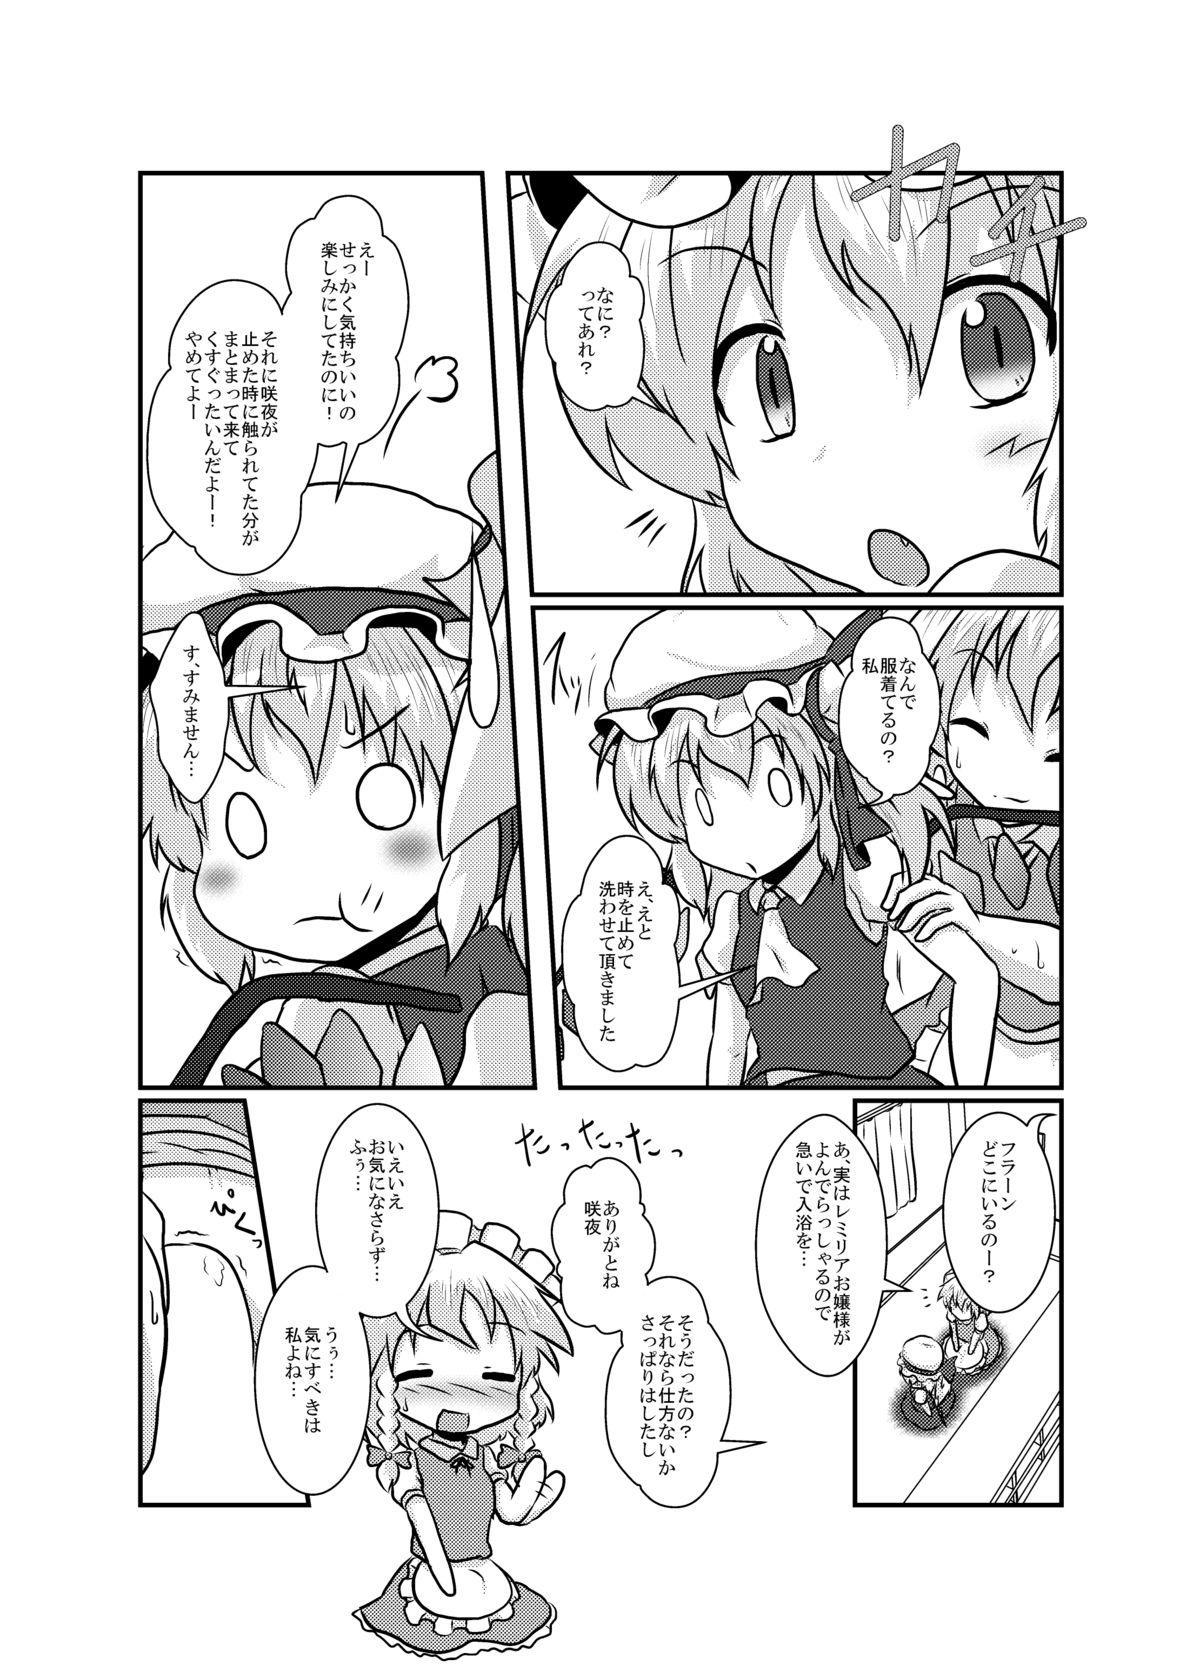 Sakuya-San no Haeteru Nichijou 10